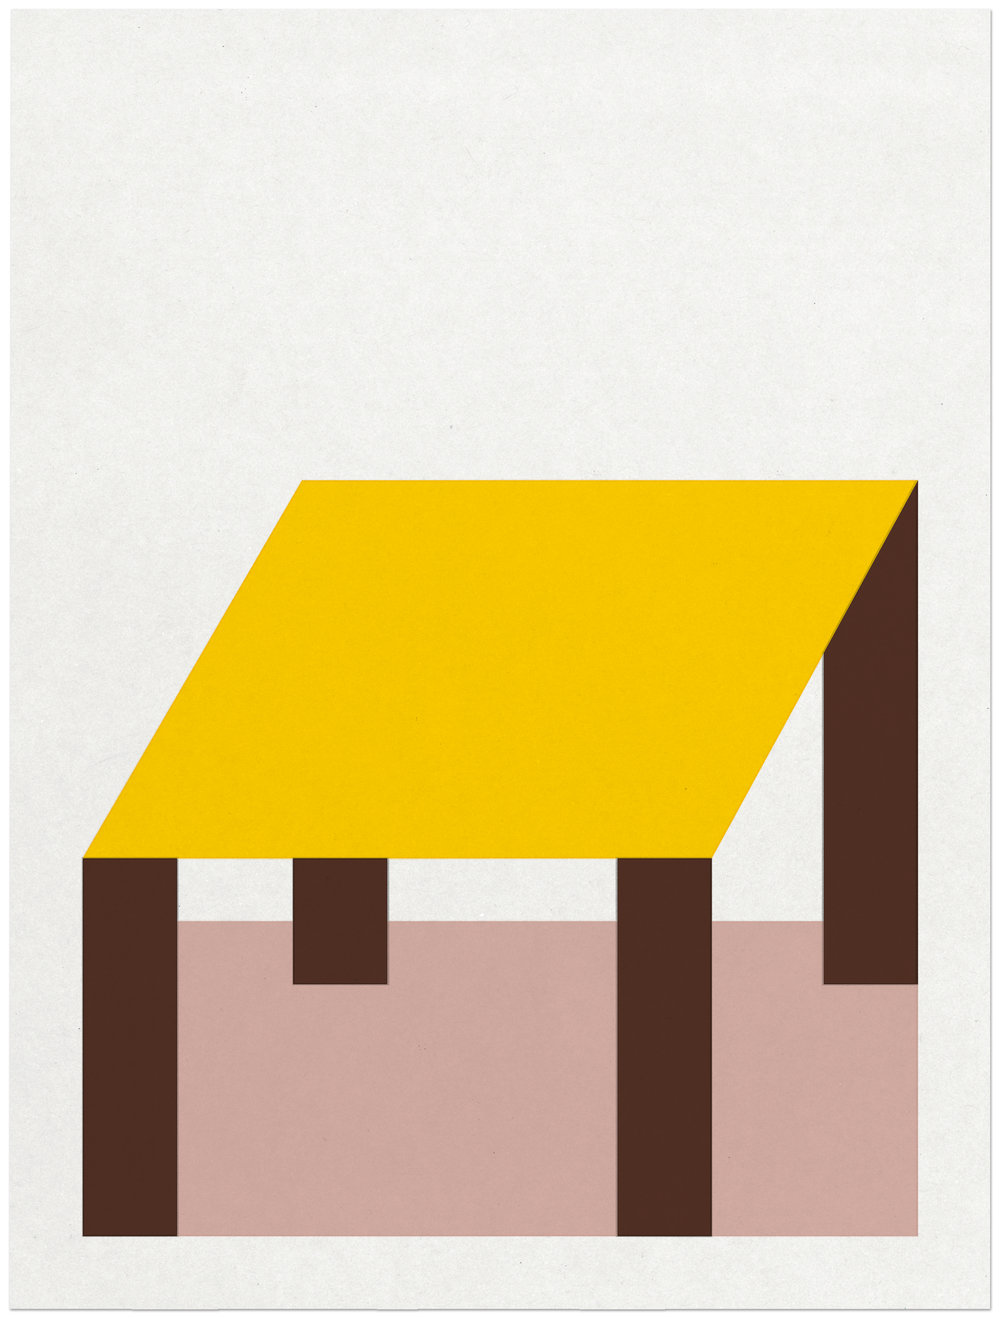 nils-lilja-modernisten-9.jpg